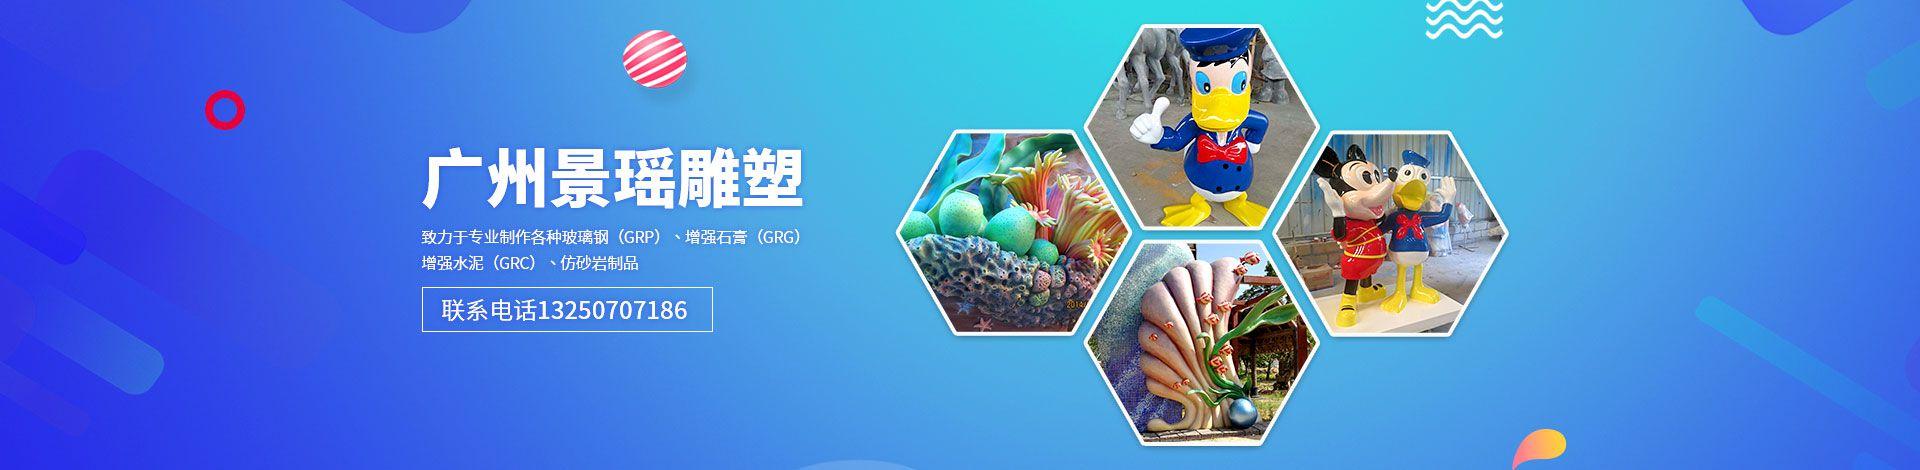 广州景瑶电子商务有限公司